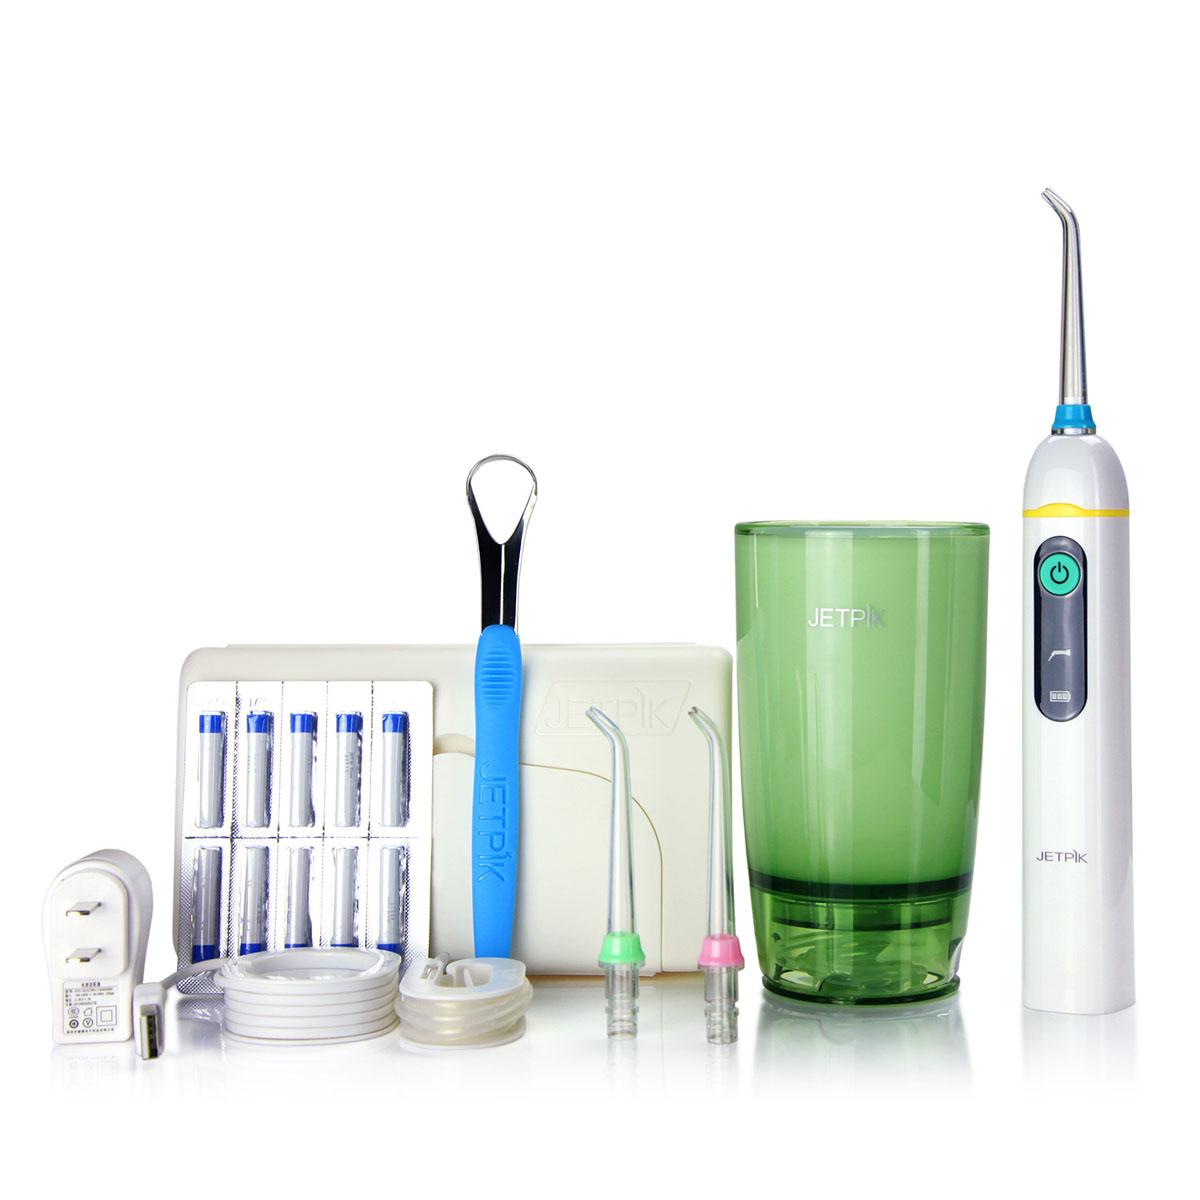 Ирригатор полости рта Jetpik JP50-EliteJA05-103-02Сочетает в себе очищающее действие зубной нити (смарт-флосса), воды и воздуха. Легкий в использовании, очень эффективный и экономит время Здоровые десны и чистые зубы уже через 7 дней. Клинически доказано, что удаляет до 99% зубного налета. Инновационная комбинация давления воды и пульсирующей флосс- системы (20-25 колебания в сек) удаляет остатки пищи глубже и быстрее, между зубами и ниже линии десен, в труднодоступных местах вокруг брекетов, между зубными имплантатами и коронками. Пульсирующая под давлением воды смарт флосс- система создает дополнительную силу трения. Лабораторно доказано что JETPIK на 240% более эффективно удаляет зубной налет и биопленку, чем обычные водные ирригаторы. Эффективный, безопасный и простой в использовании. Идеально подходит для тех, кто с имплантатами, коронками, брекет-системами, мостовидными протезами, пародонтальными карманами. Портативный и компактный - по размерам не больше электрической зубной щетки, благодаря встроенной литиевой батарее заряжается как мобильный телефон через базовое зарядное устройство или USB разъем .Как жидкость для ирригации можно использовать не только воду, но и лечебные растворы. Удобный специальный стакан JETPIK или любая емкость подойдет как резервуар, благодаря портативной силиконовой клипсе JETPIK, которая идет в комплекте с набором. Мощность 200-550 кПа.